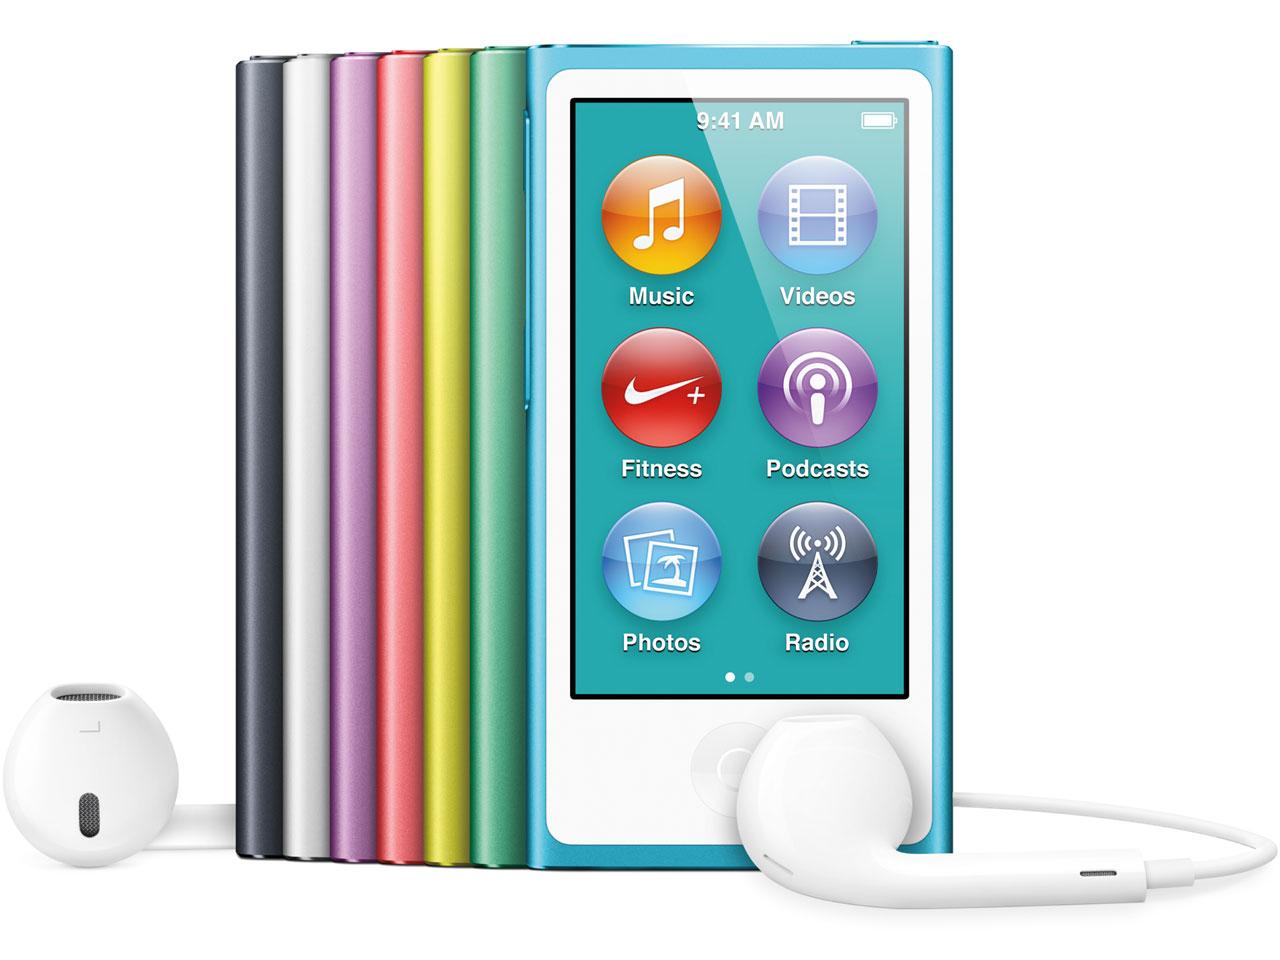 『カラーバリエーション4』 iPod nano MD476J/A [16GB イエロー] の製品画像